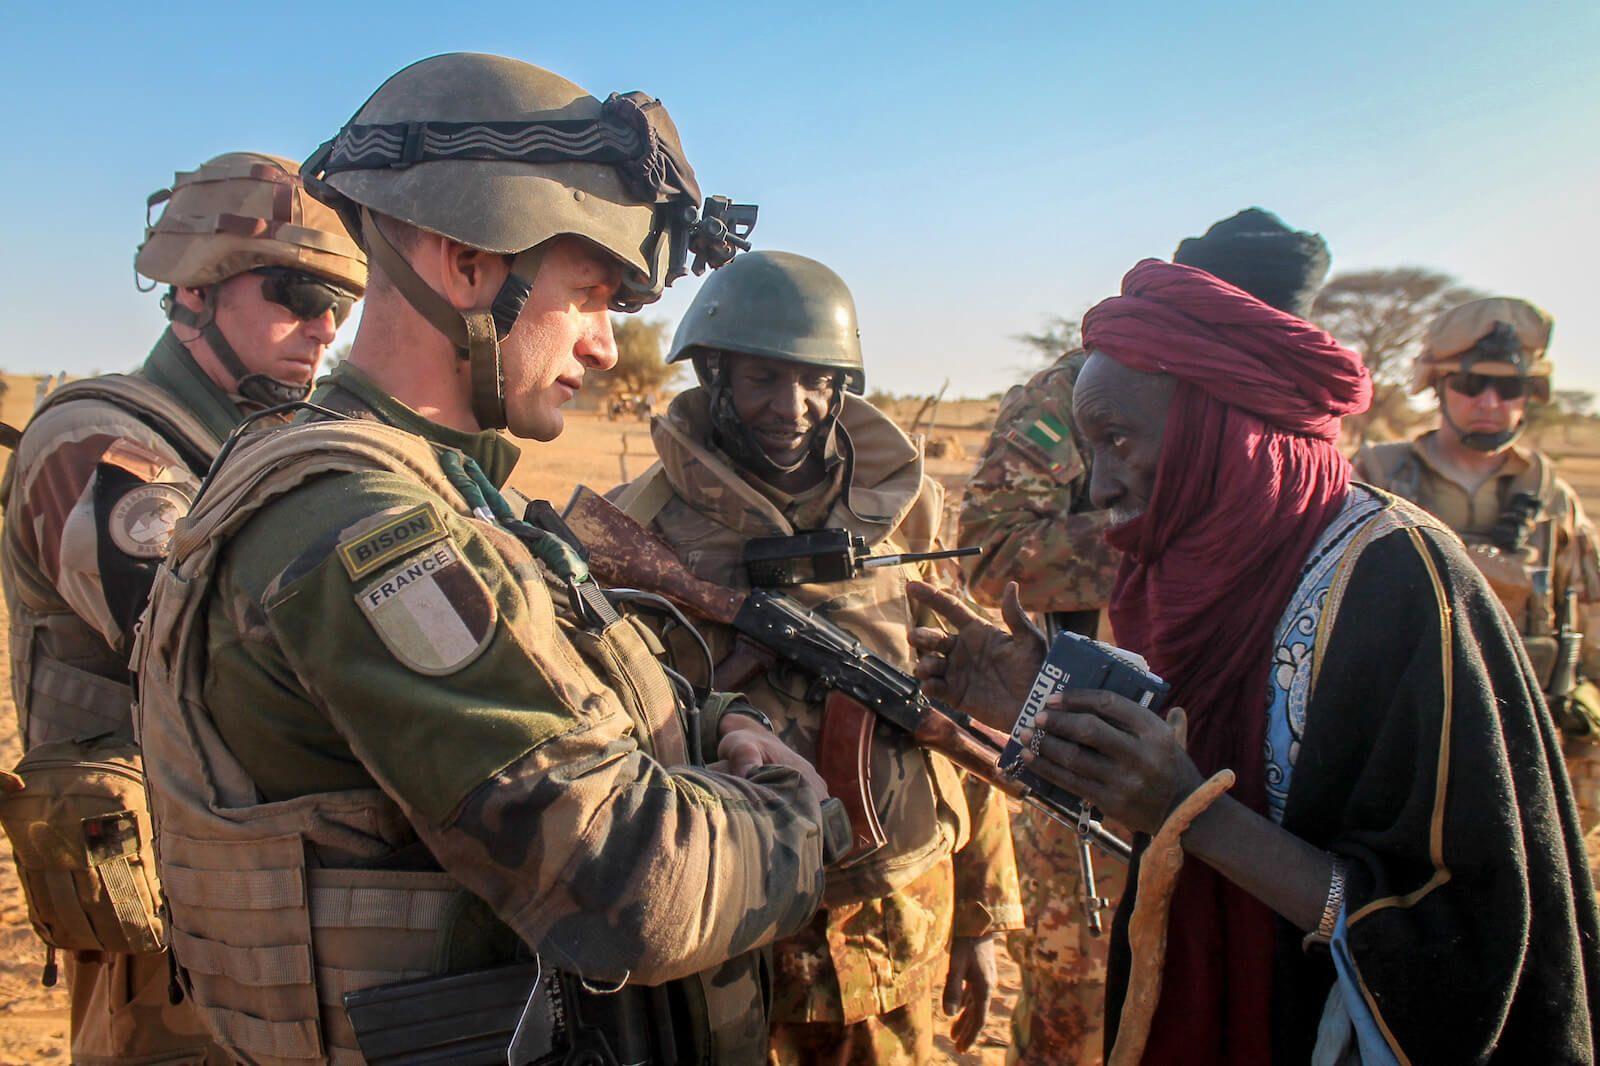 Sahel mali terrorismo Fracia